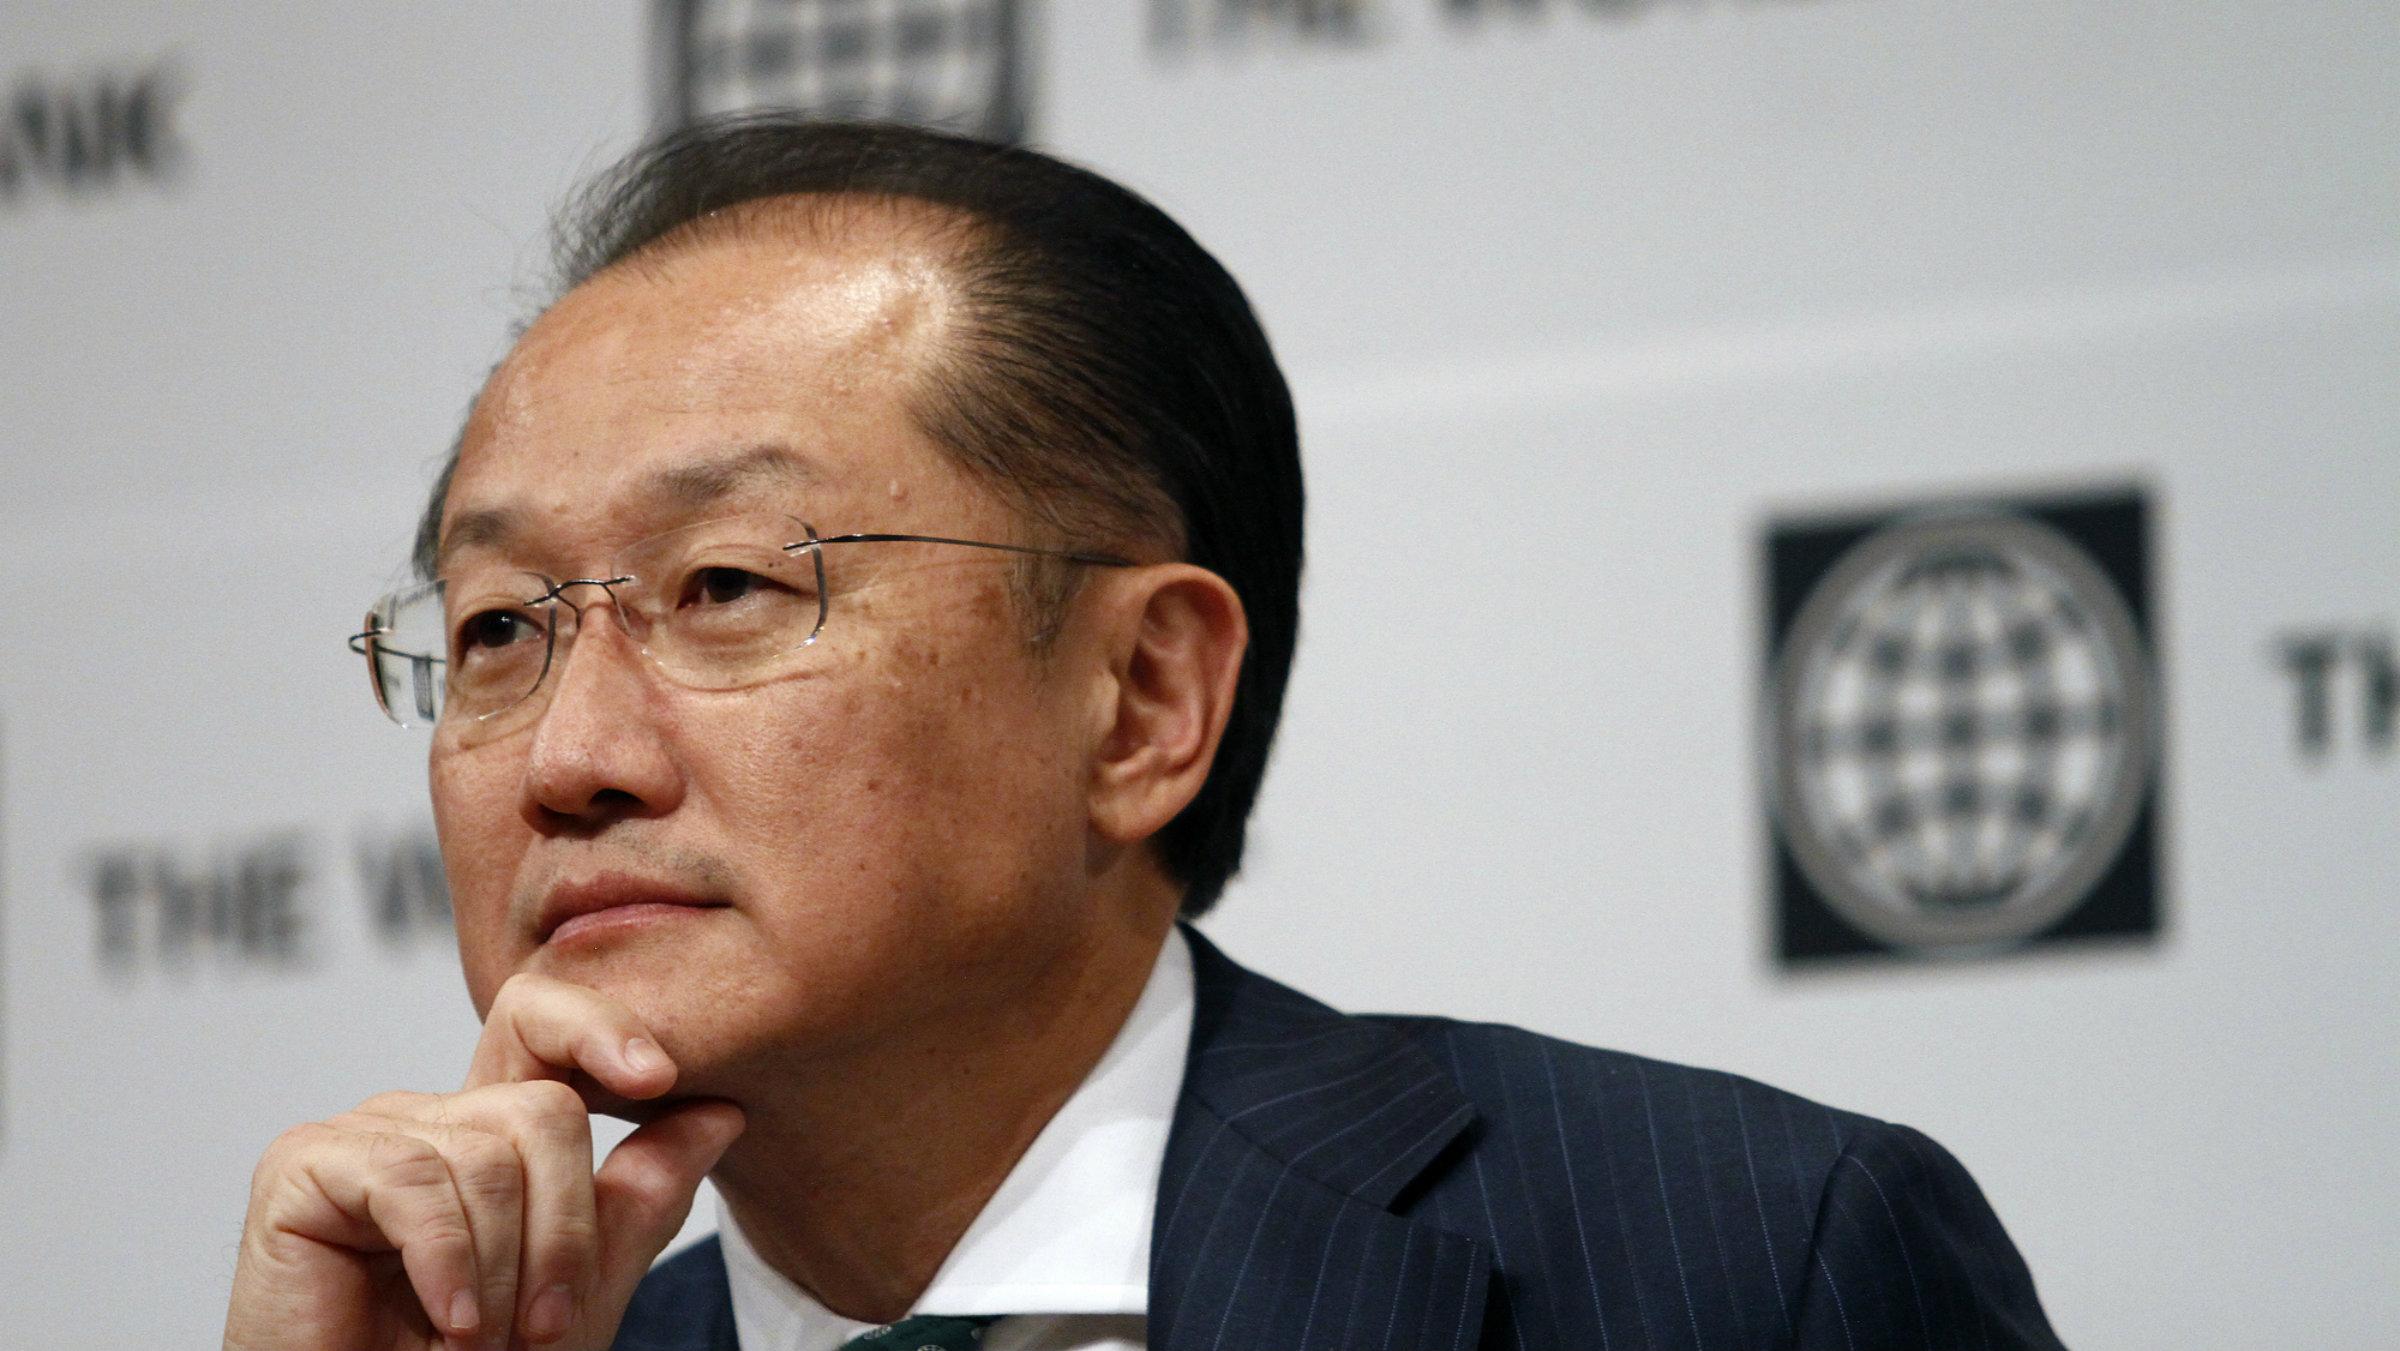 World Bank President Jim Yong Kim: That's a good question...